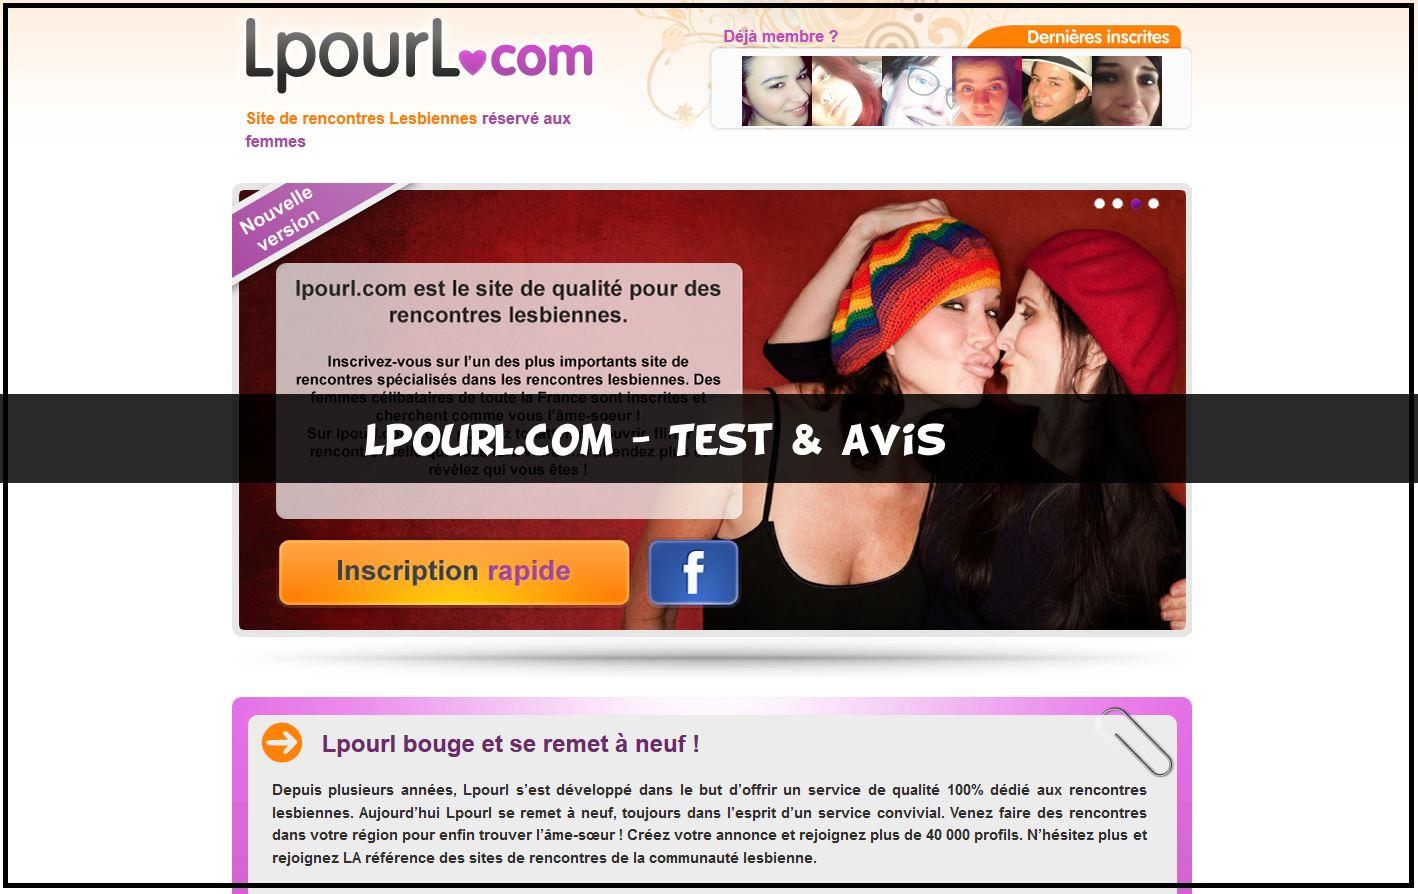 LpourL - Test & Avis